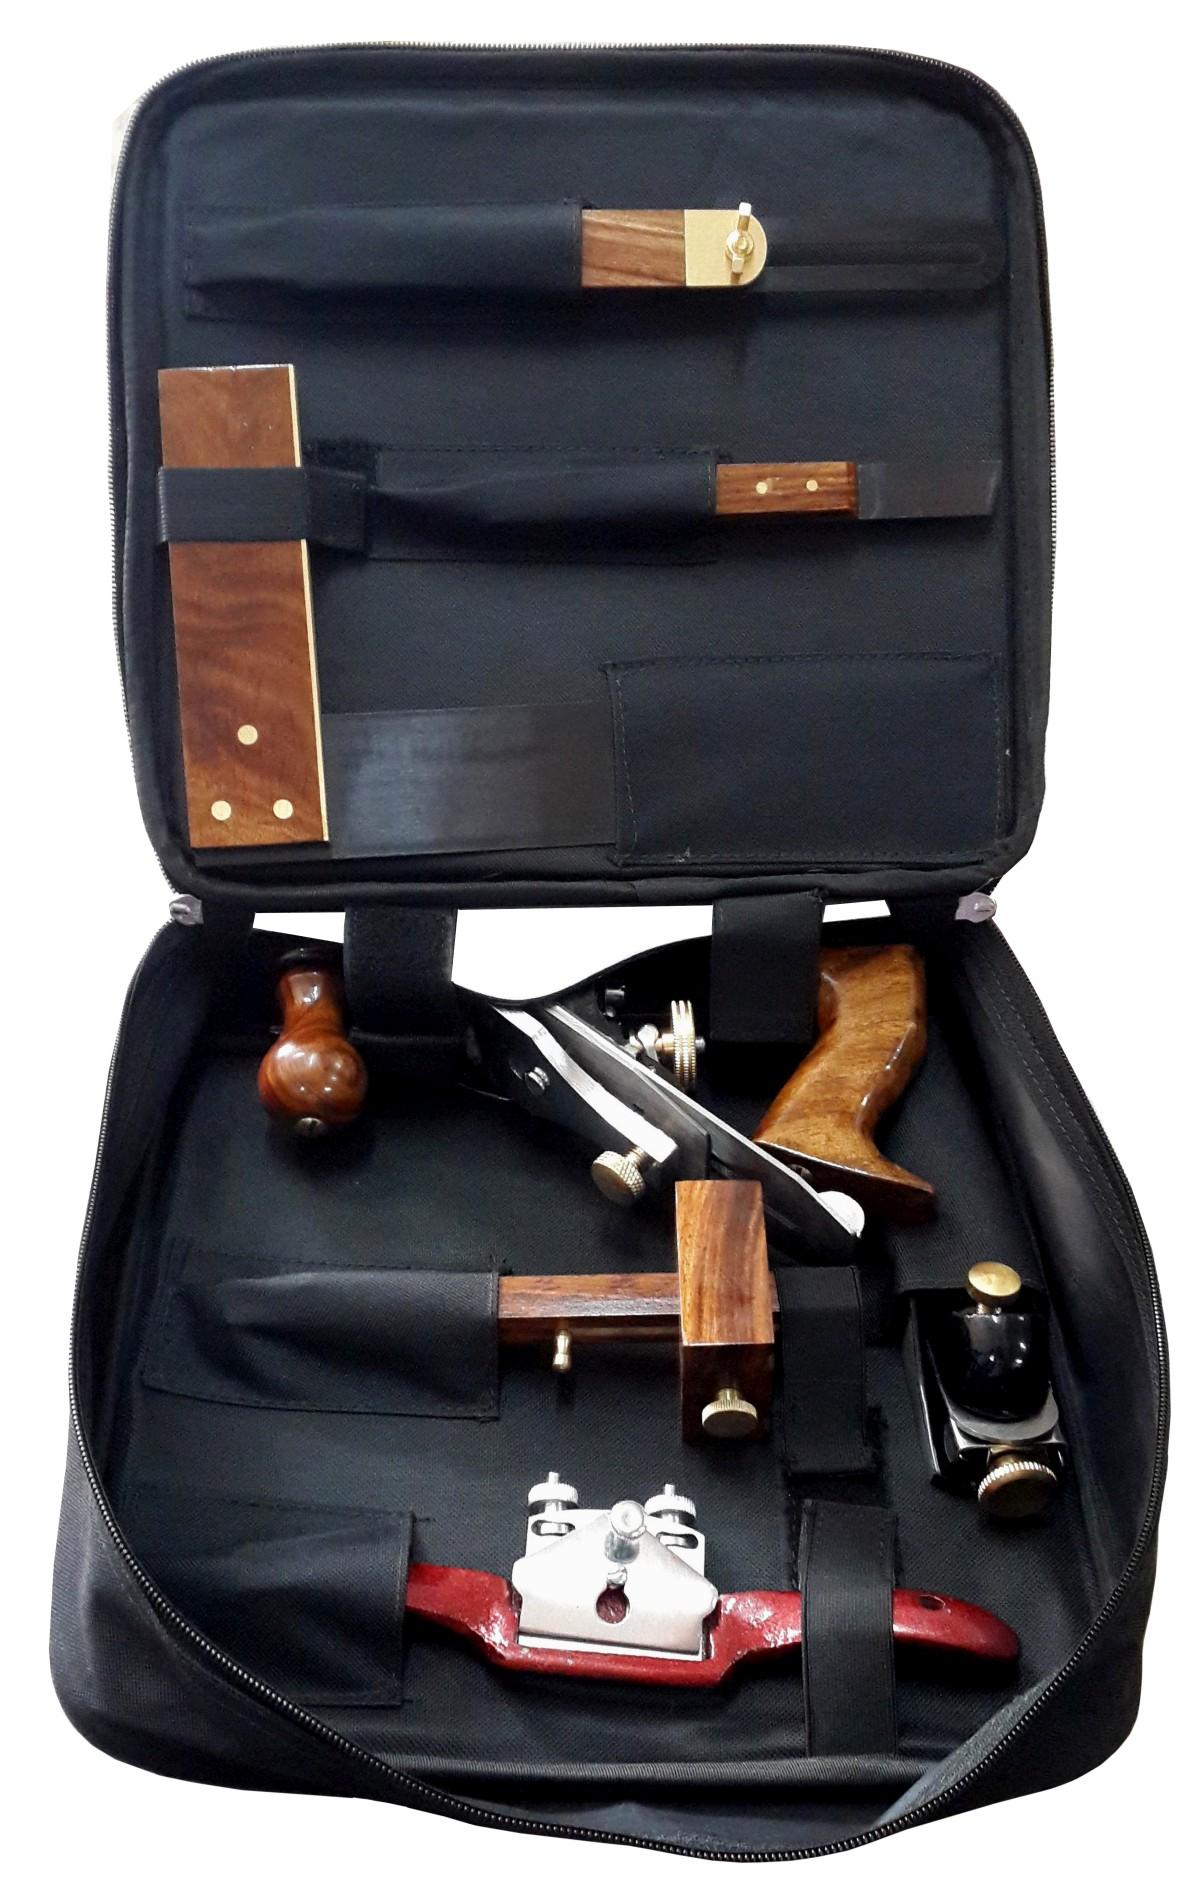 Professionelles Werkzeugset für Schreiner, Tischler, Zimmerer, Holzbearbeiter